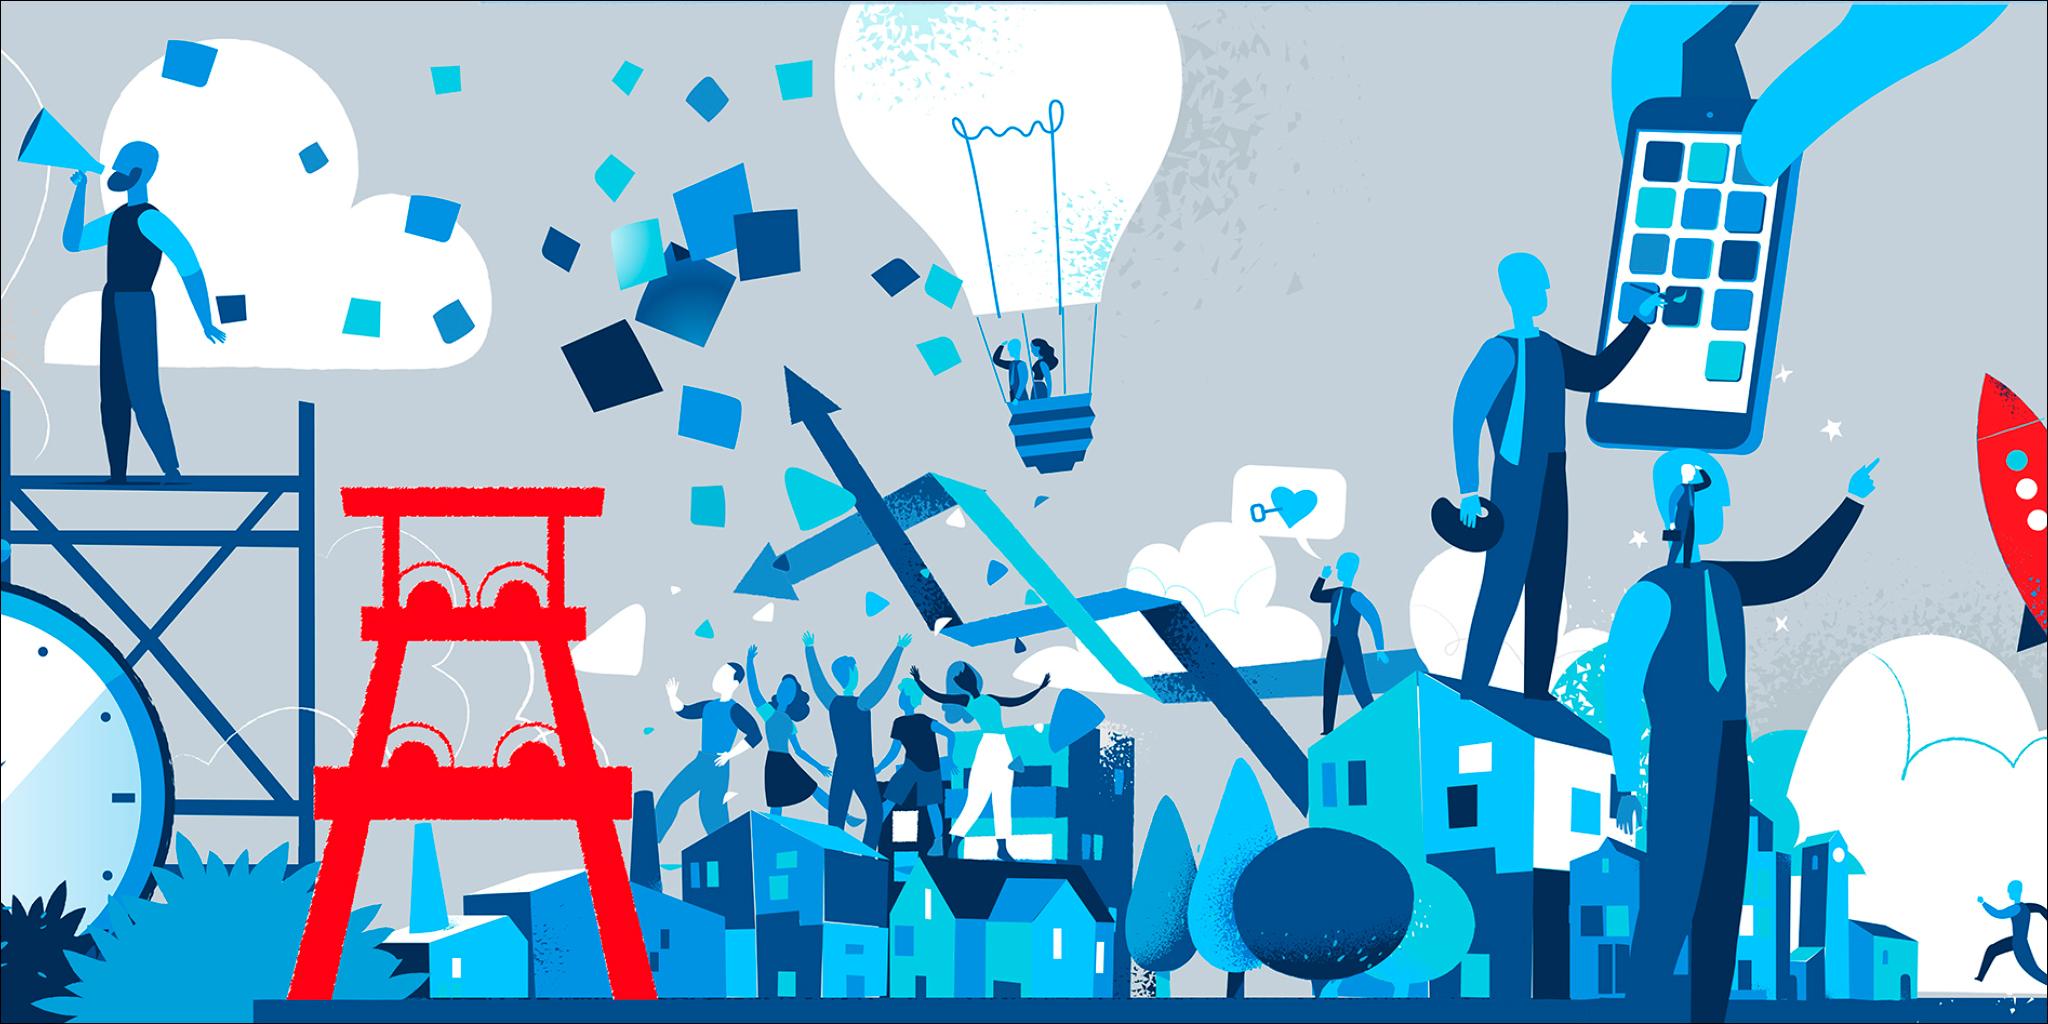 Daten, Digitalisierung, ETL WP, Livestream, Zollverein: Digital Cowork I 120 h: Neue Wege der Digitalisierung gehen